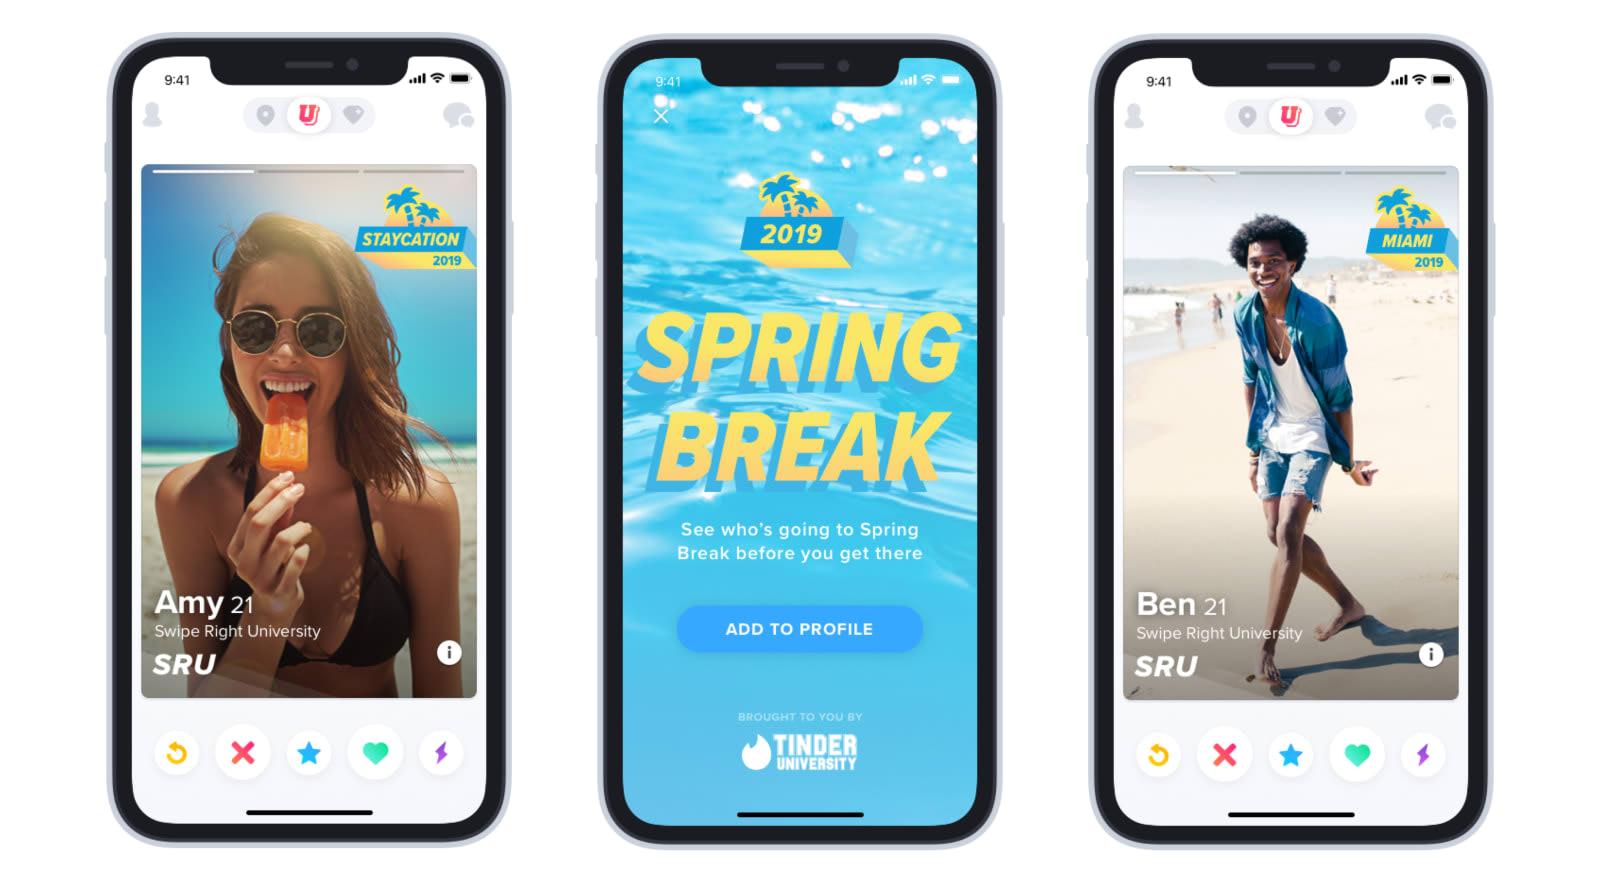 Tinder adds a 'Spring Break' mode for college spring flings